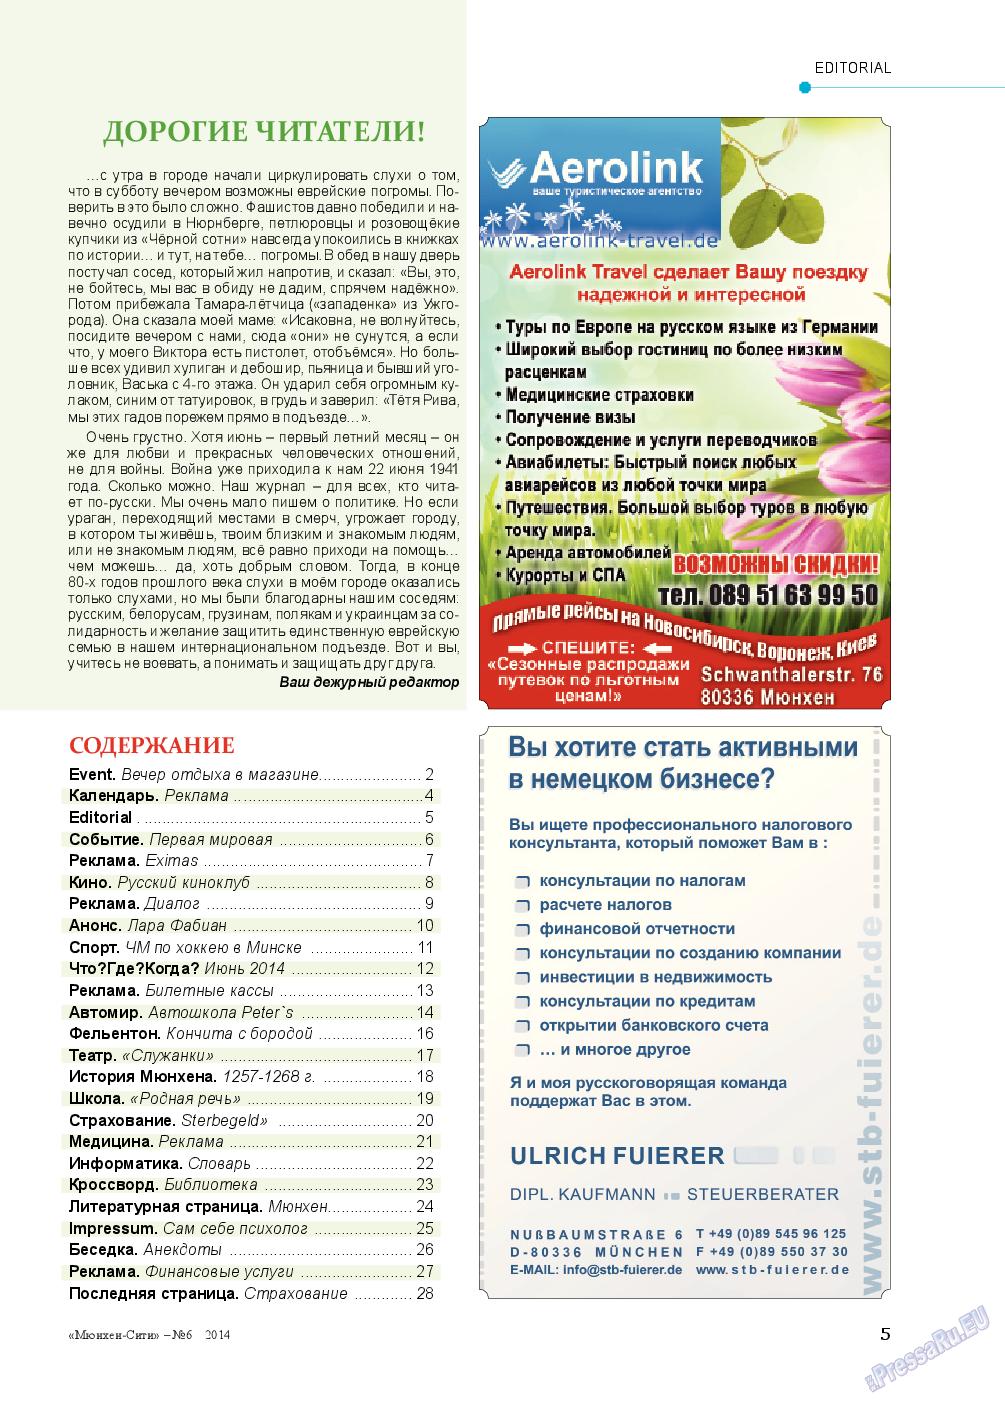 Мюнхен-сити (журнал). 2014 год, номер 6, стр. 5